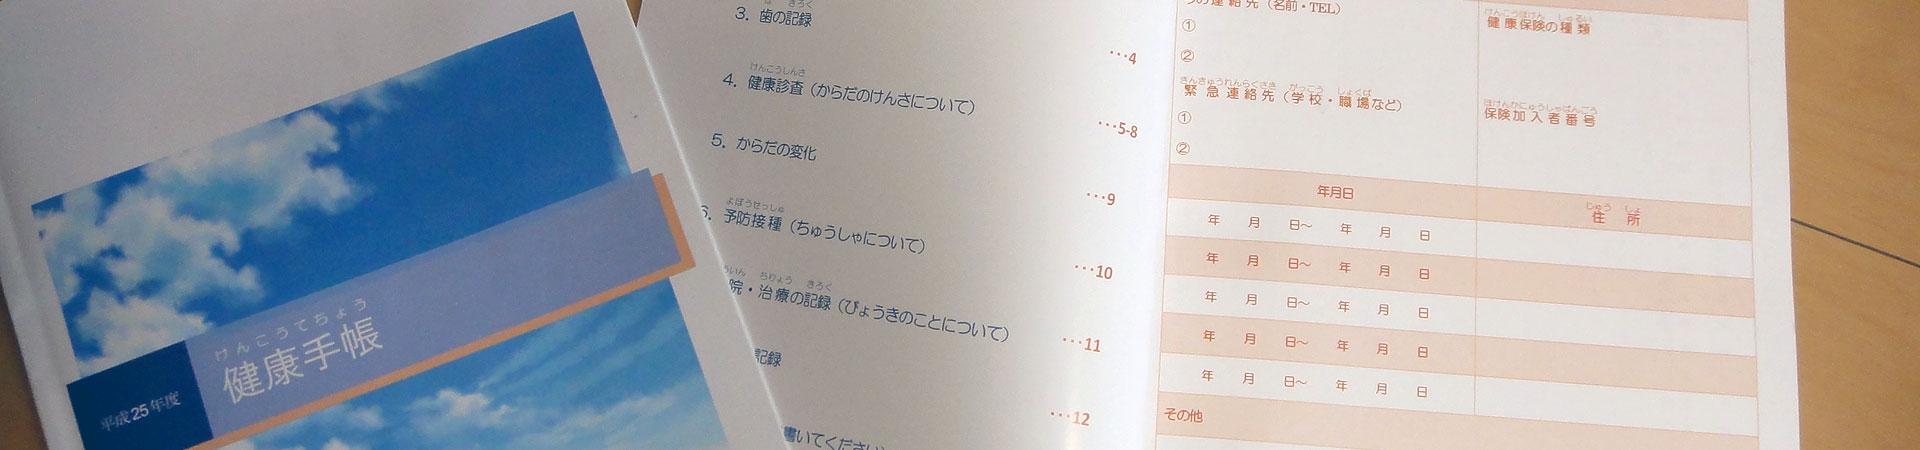 特定非営利活動法人 福島県の児童養護施設の子どもの健康を考える会